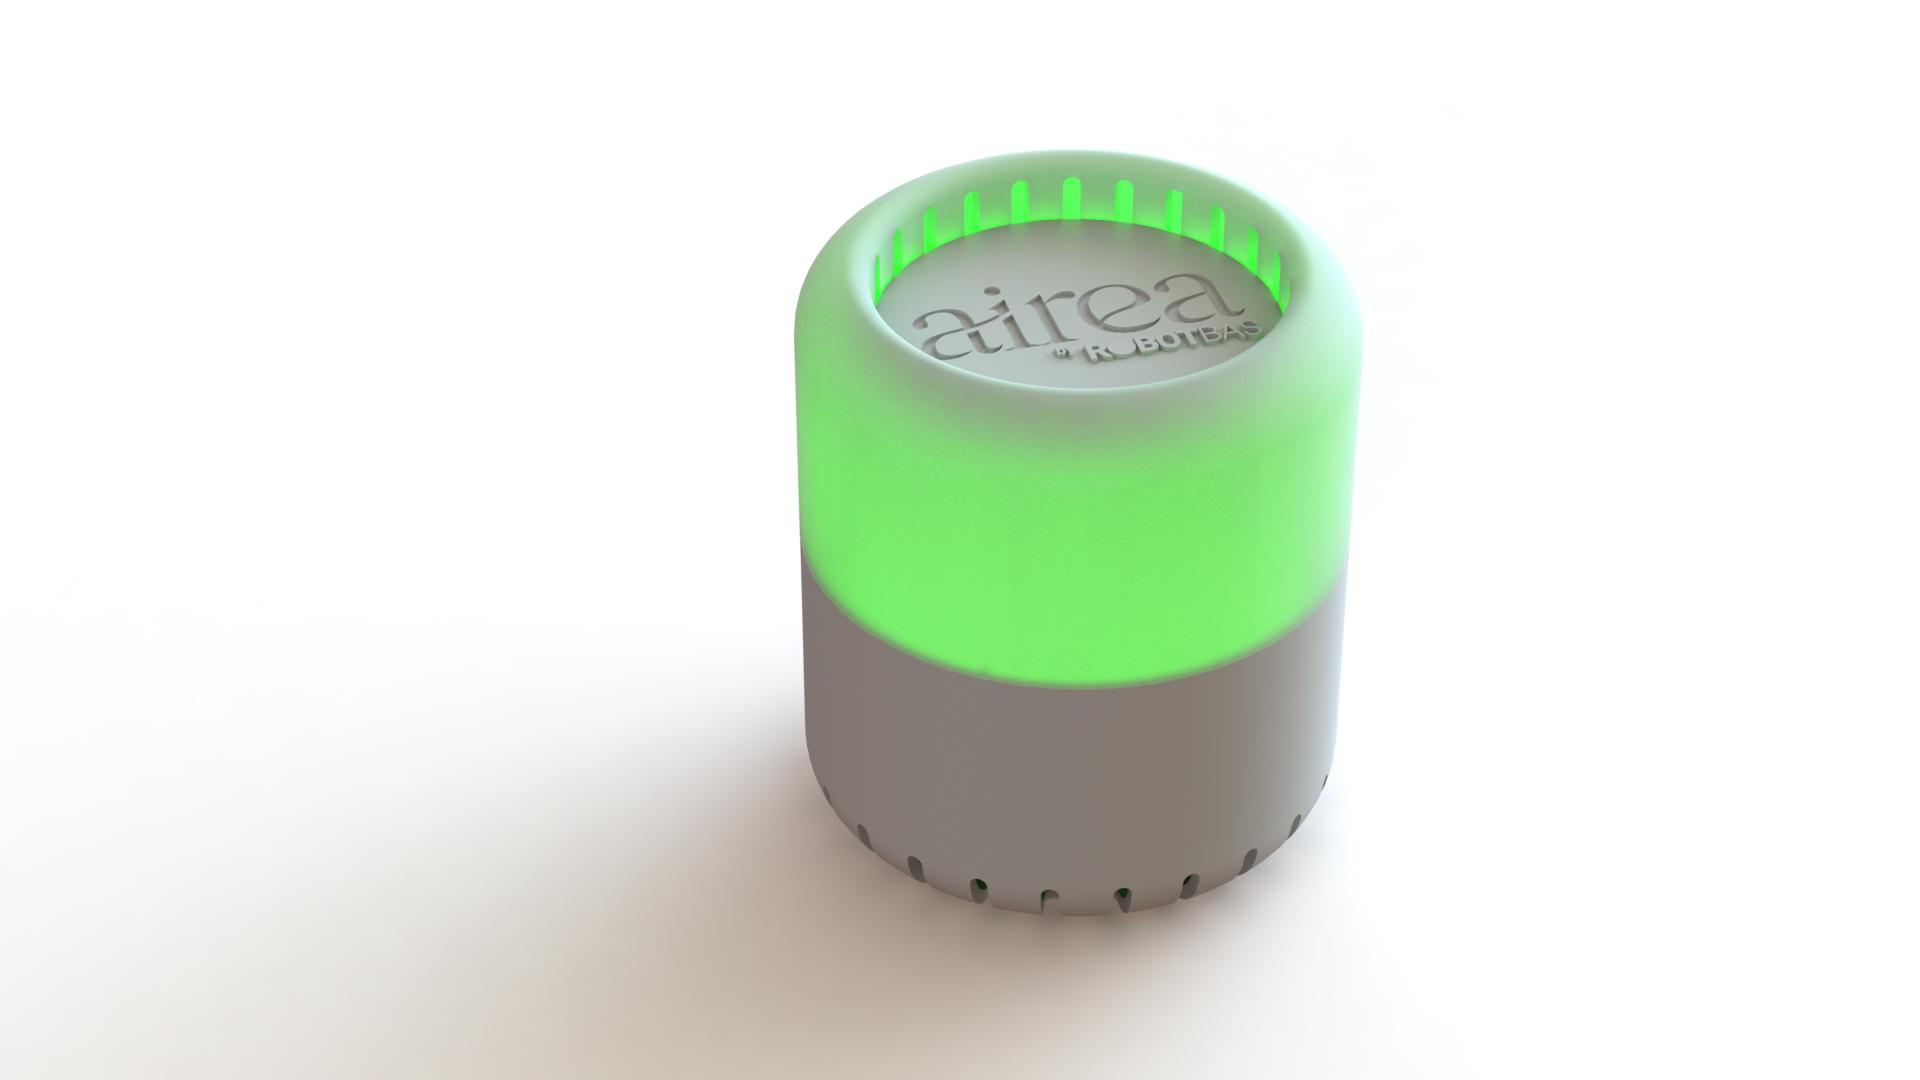 airea-sonda-calidad-aire